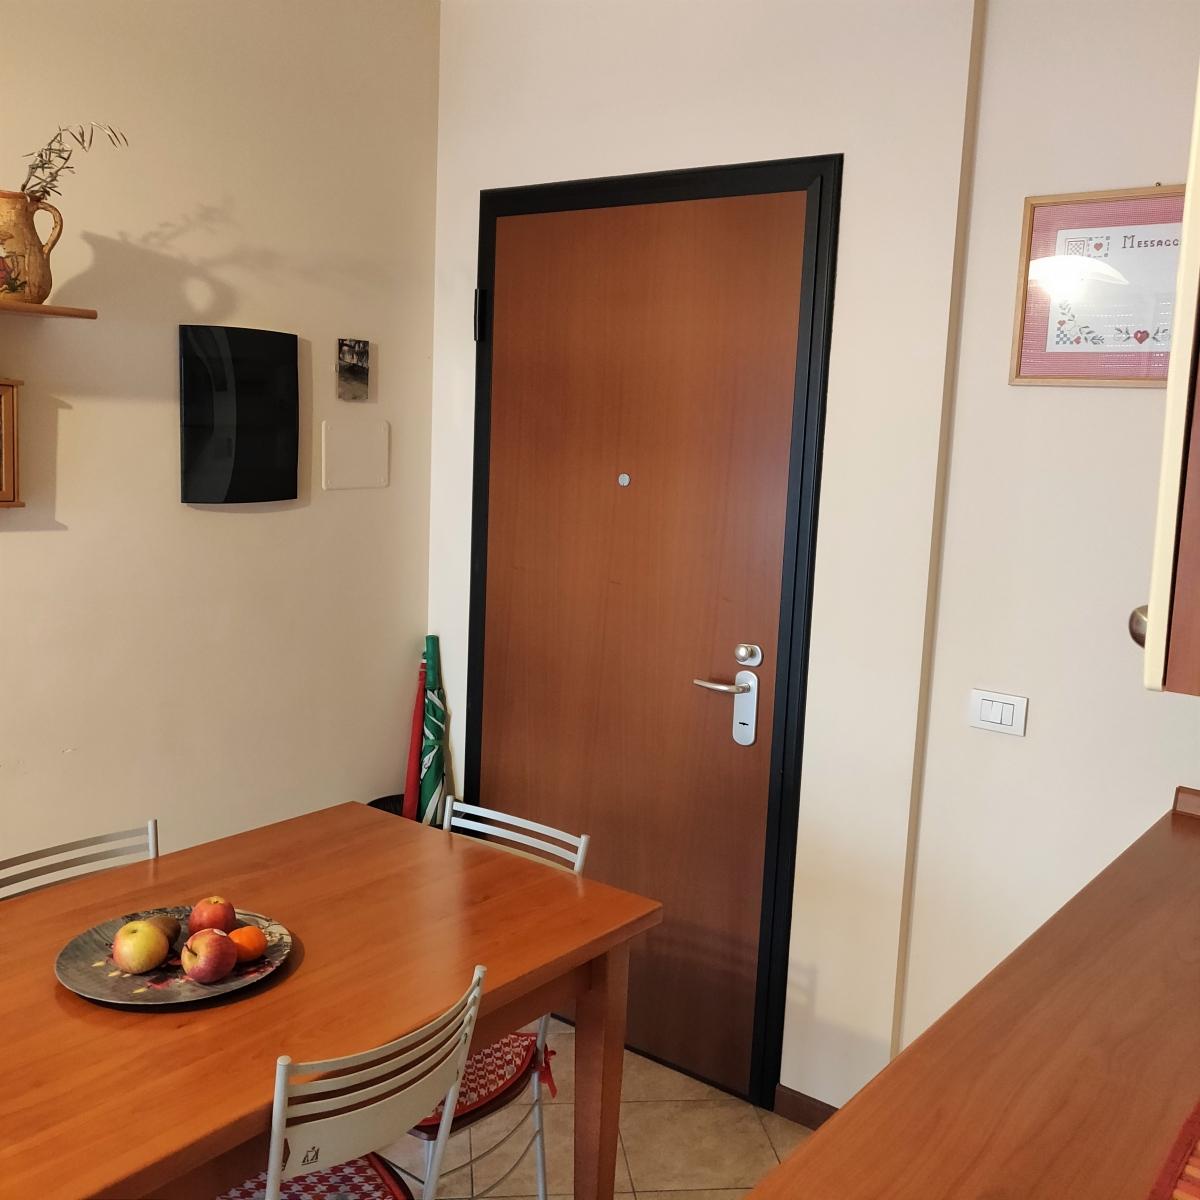 appartamento-in-vendita-milano-via-forze-armate-recente-costruzione-4-locali-spaziourbano-immobiliare-vende-23